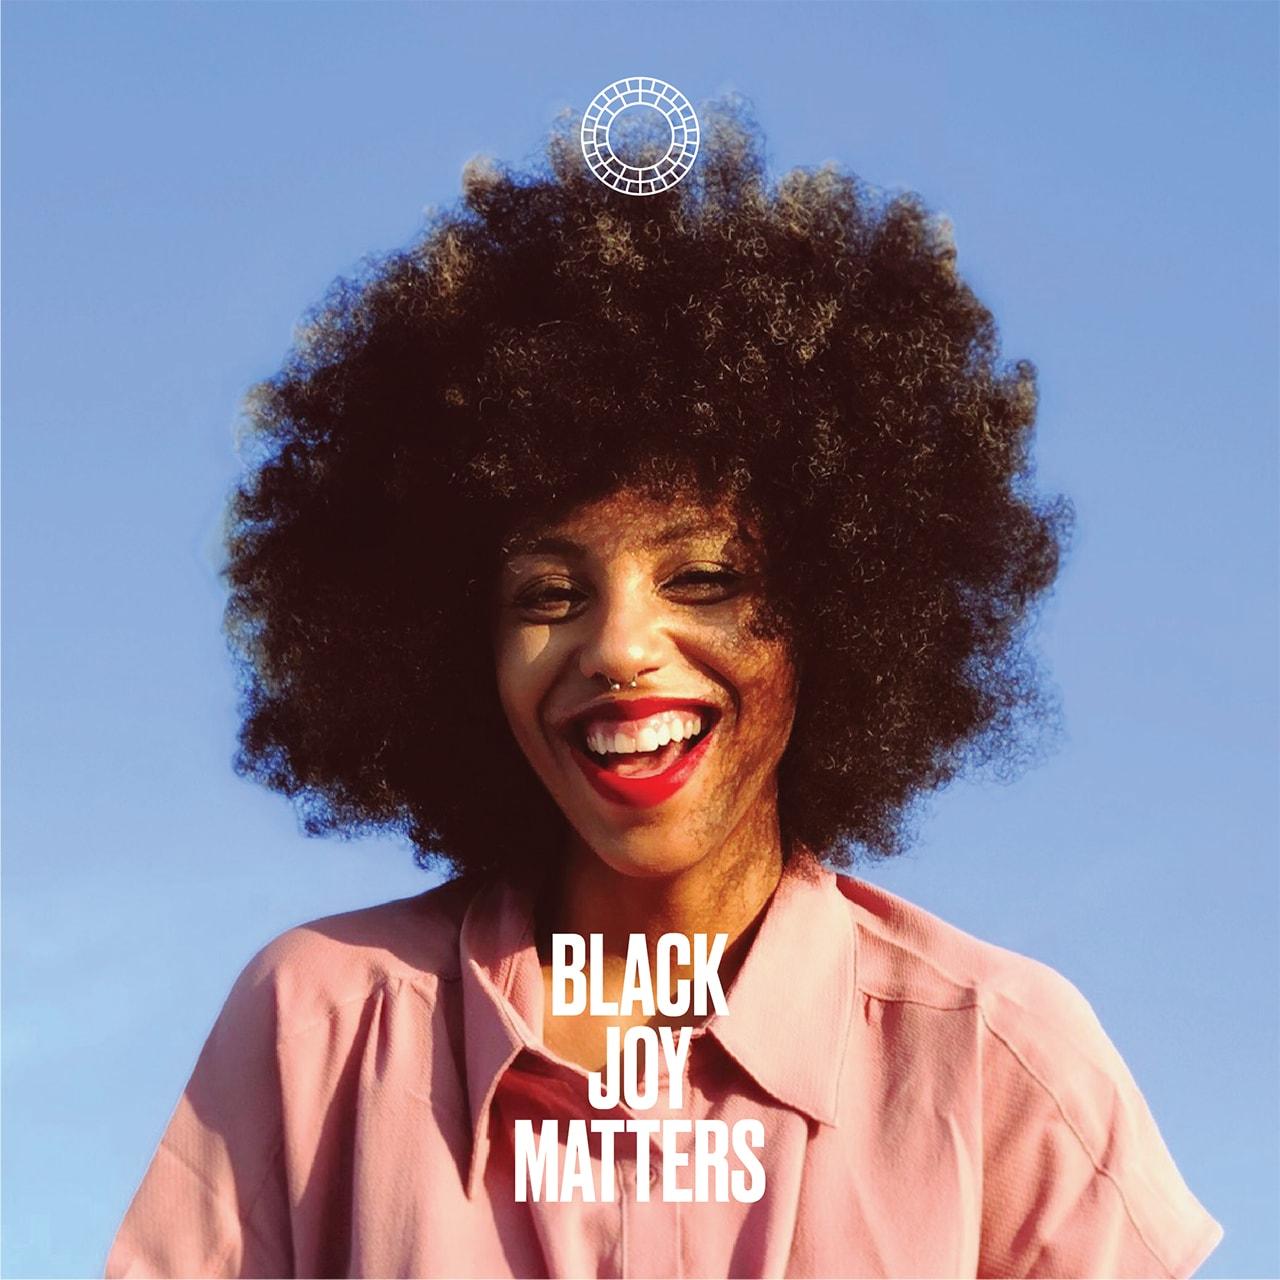 VSCO Black Joy Matters Initiative Photo Social Media App